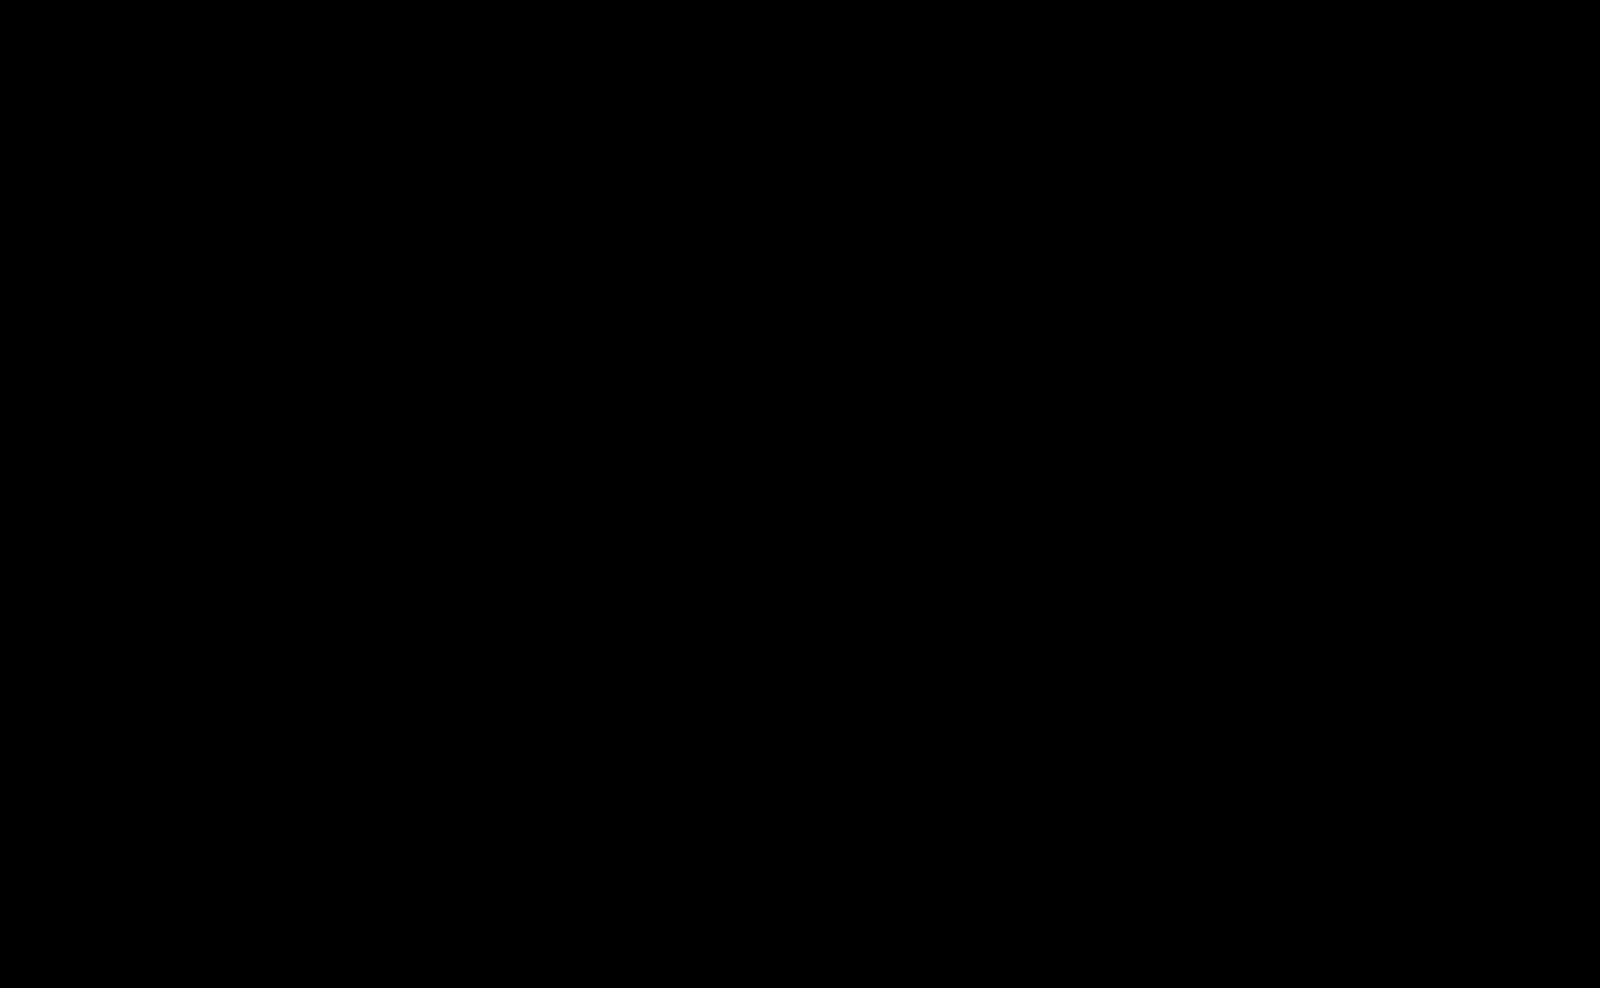 black and white download Staurikosaurus thescelosaurus microraptor deinonychus. Drawing neck shadow